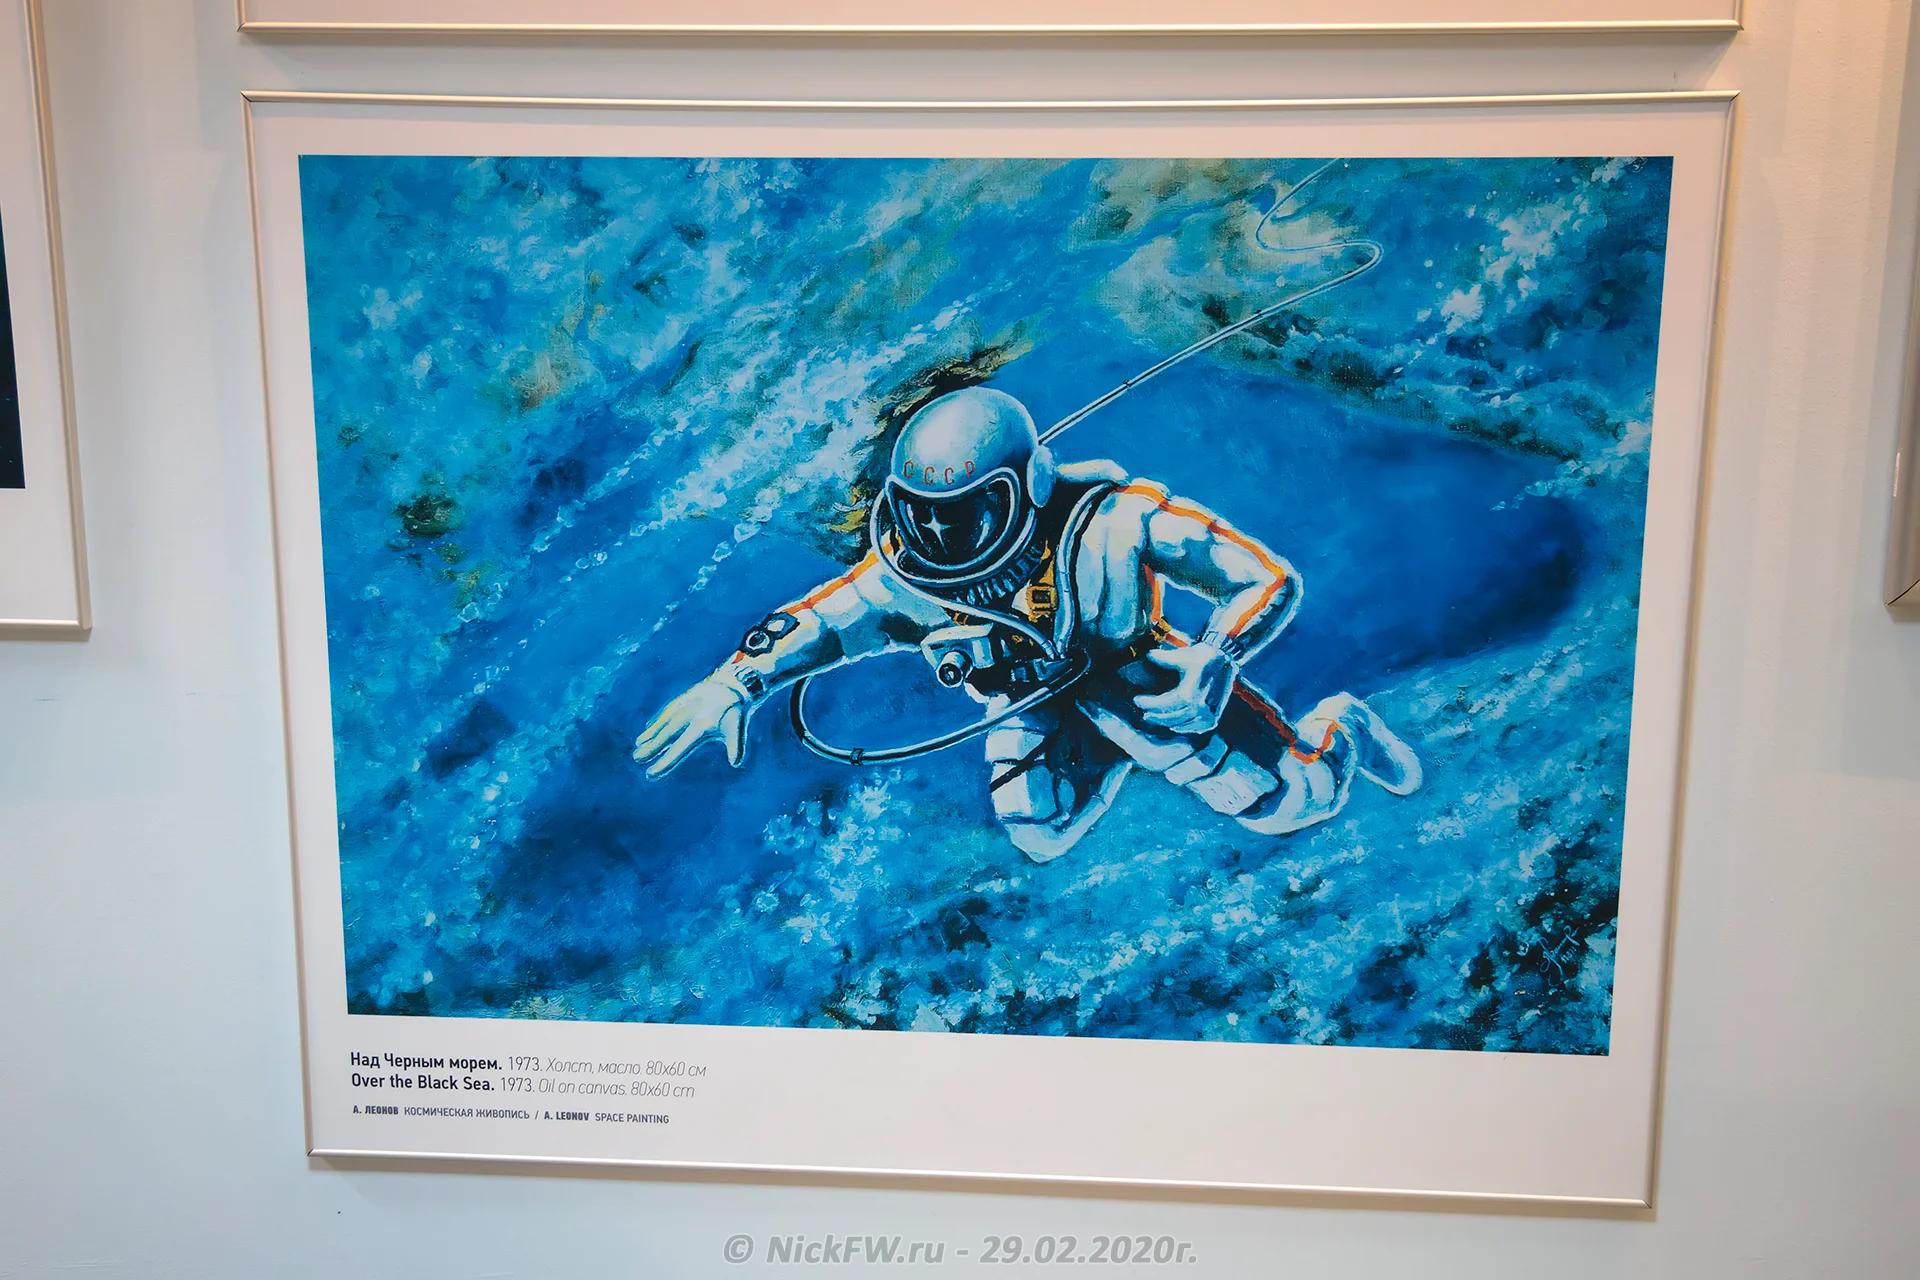 3. Репродукция картины Алексея Леонова — © «Фото.дзен - NickFW.ru»